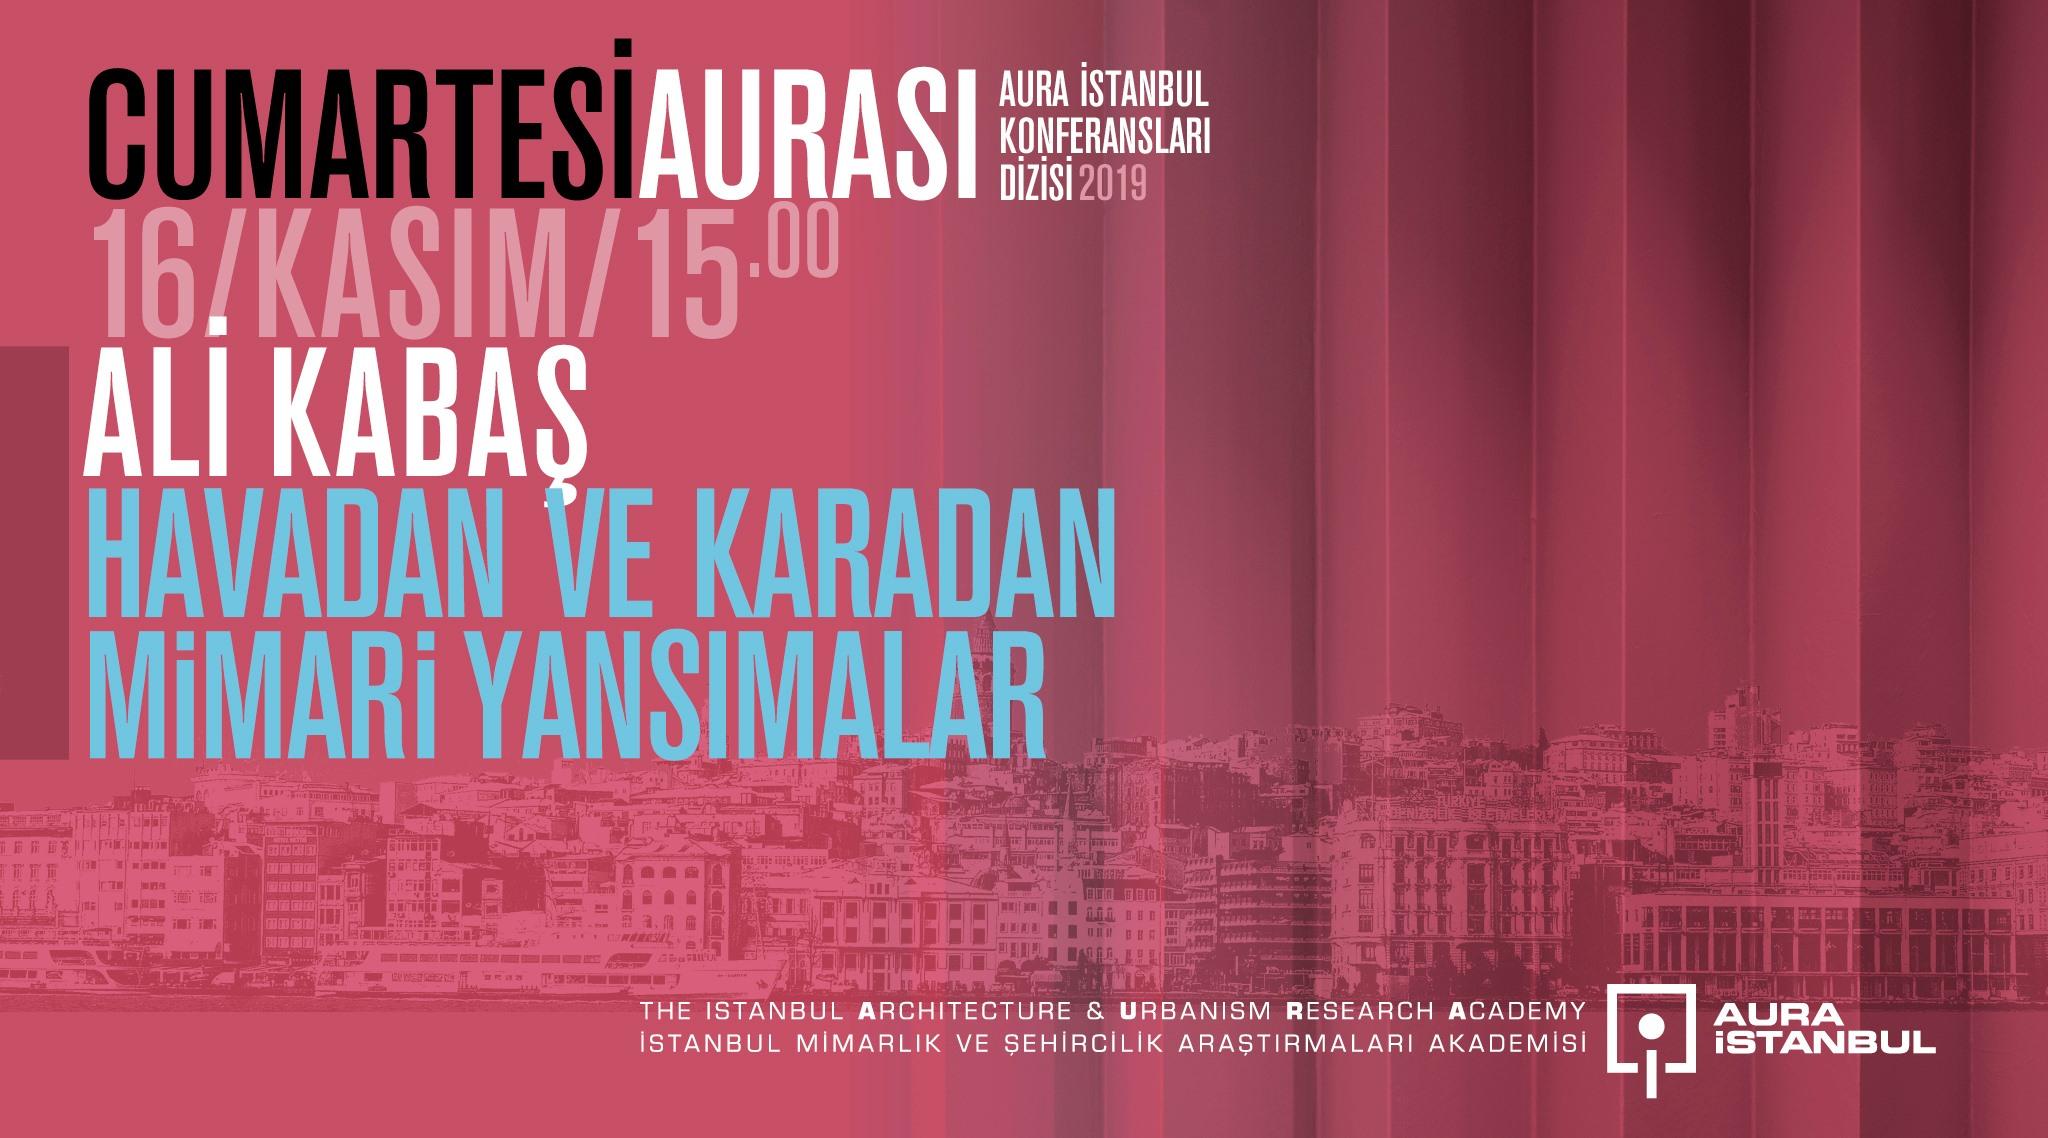 """Cumartesi Aurası: Ali Kabaş """"Havadan ve Karadan Mimari Yansımalar"""""""